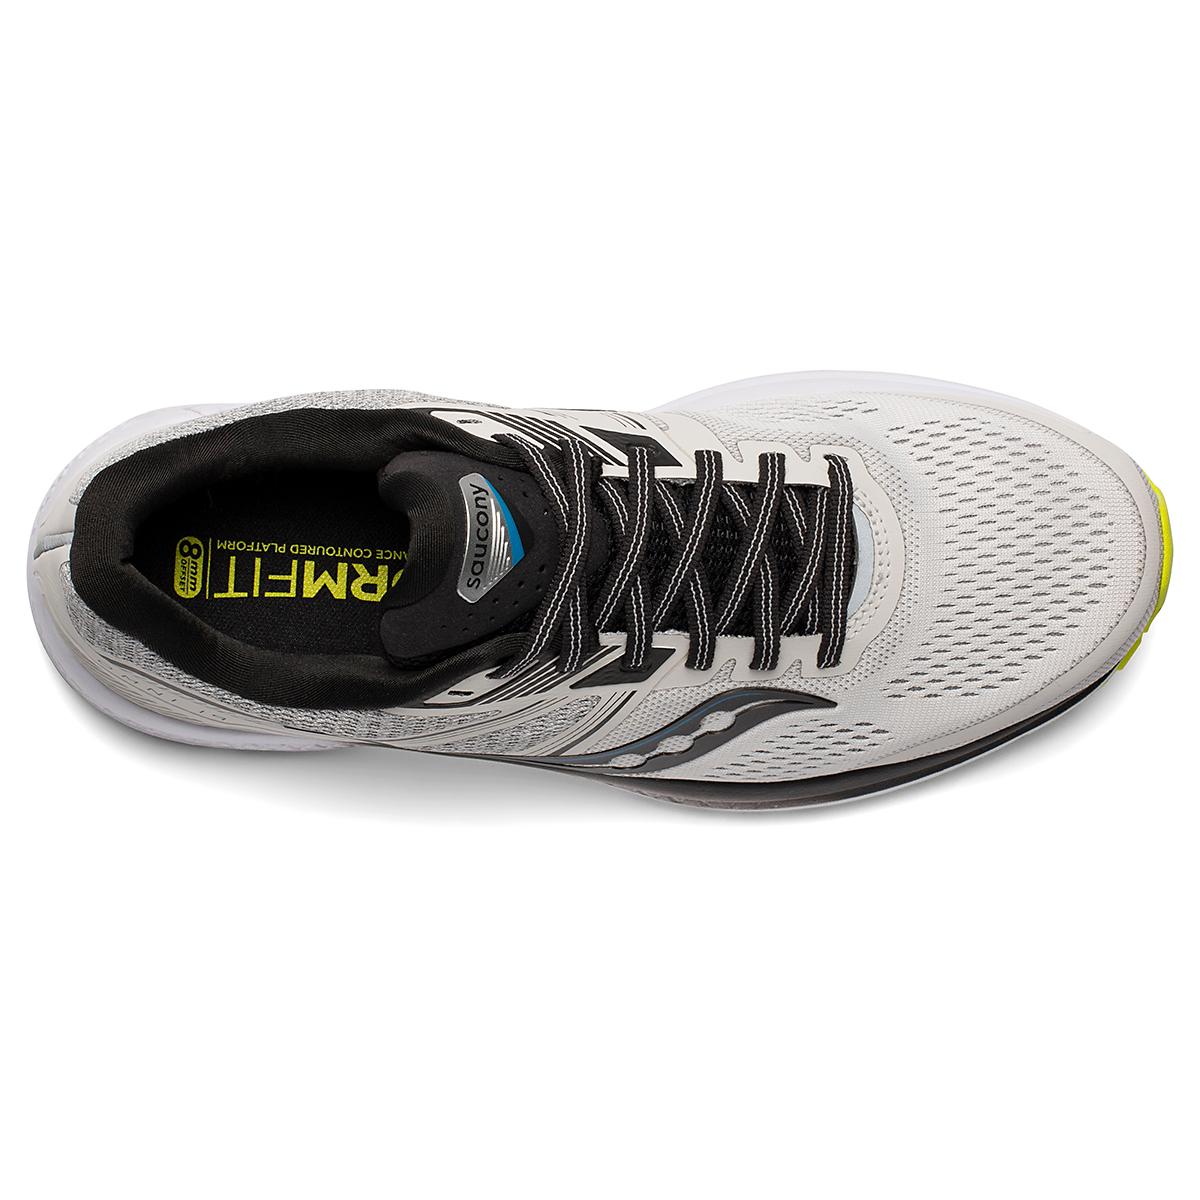 Men's Saucony Omni 19 Running Shoe - Color: Fog/Citrus - Size: 7 - Width: Regular, Fog/Citrus, large, image 4